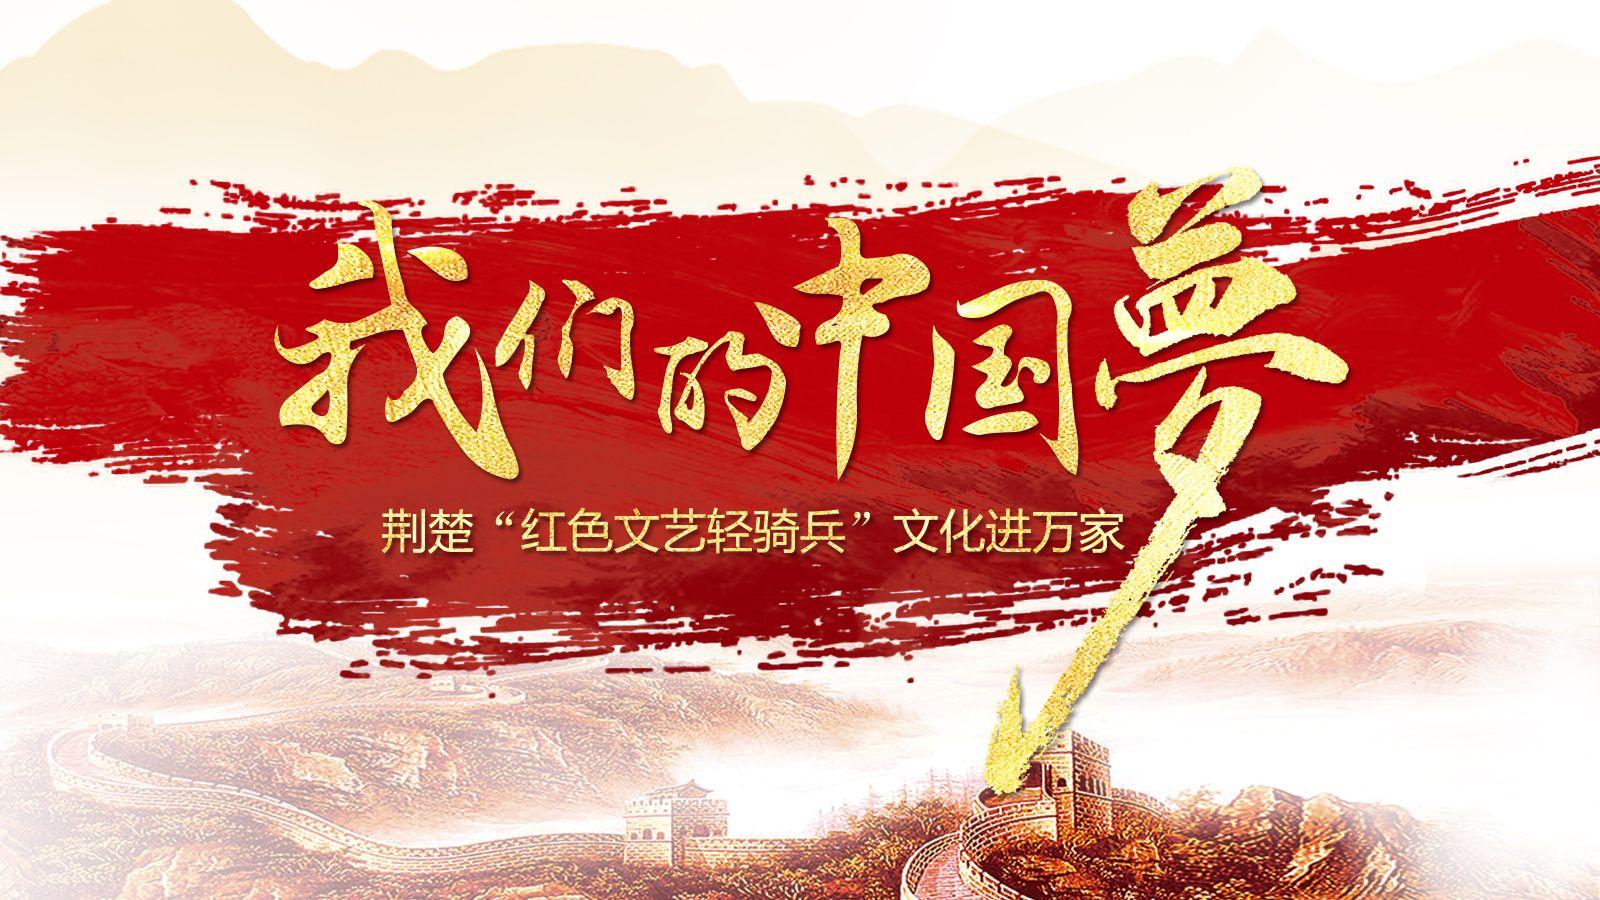 """我们的中国梦一荆楚""""红色文艺轻骑兵""""文化进万家"""